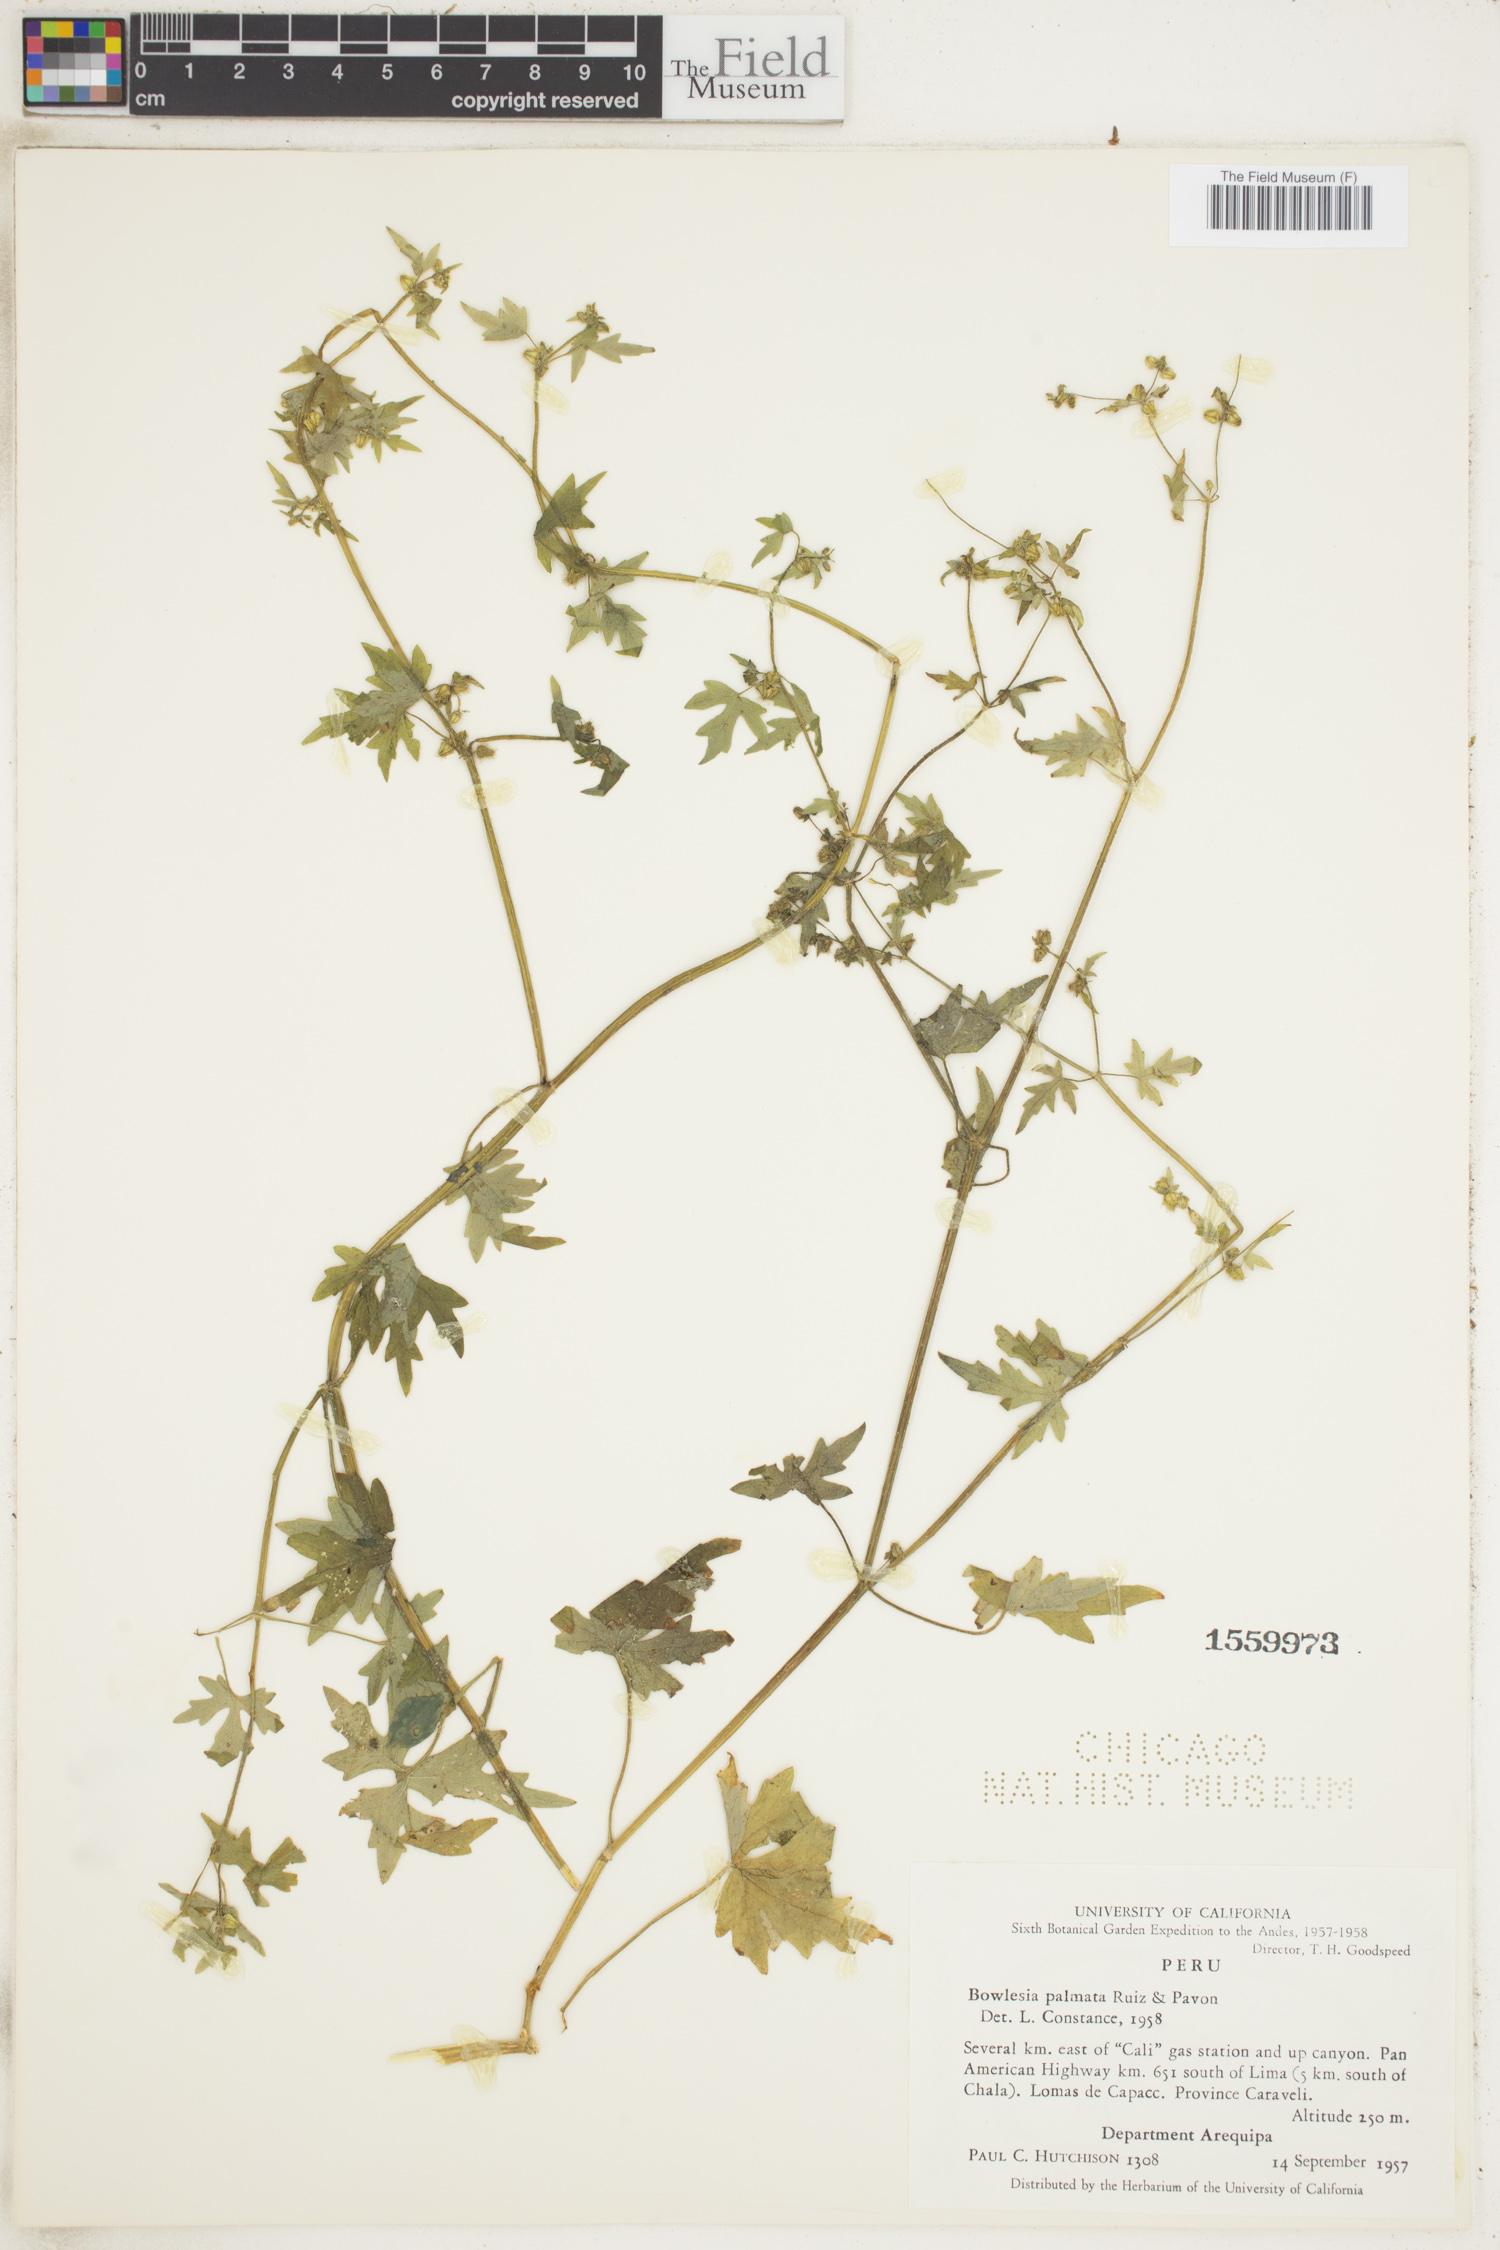 Bowlesia palmata image